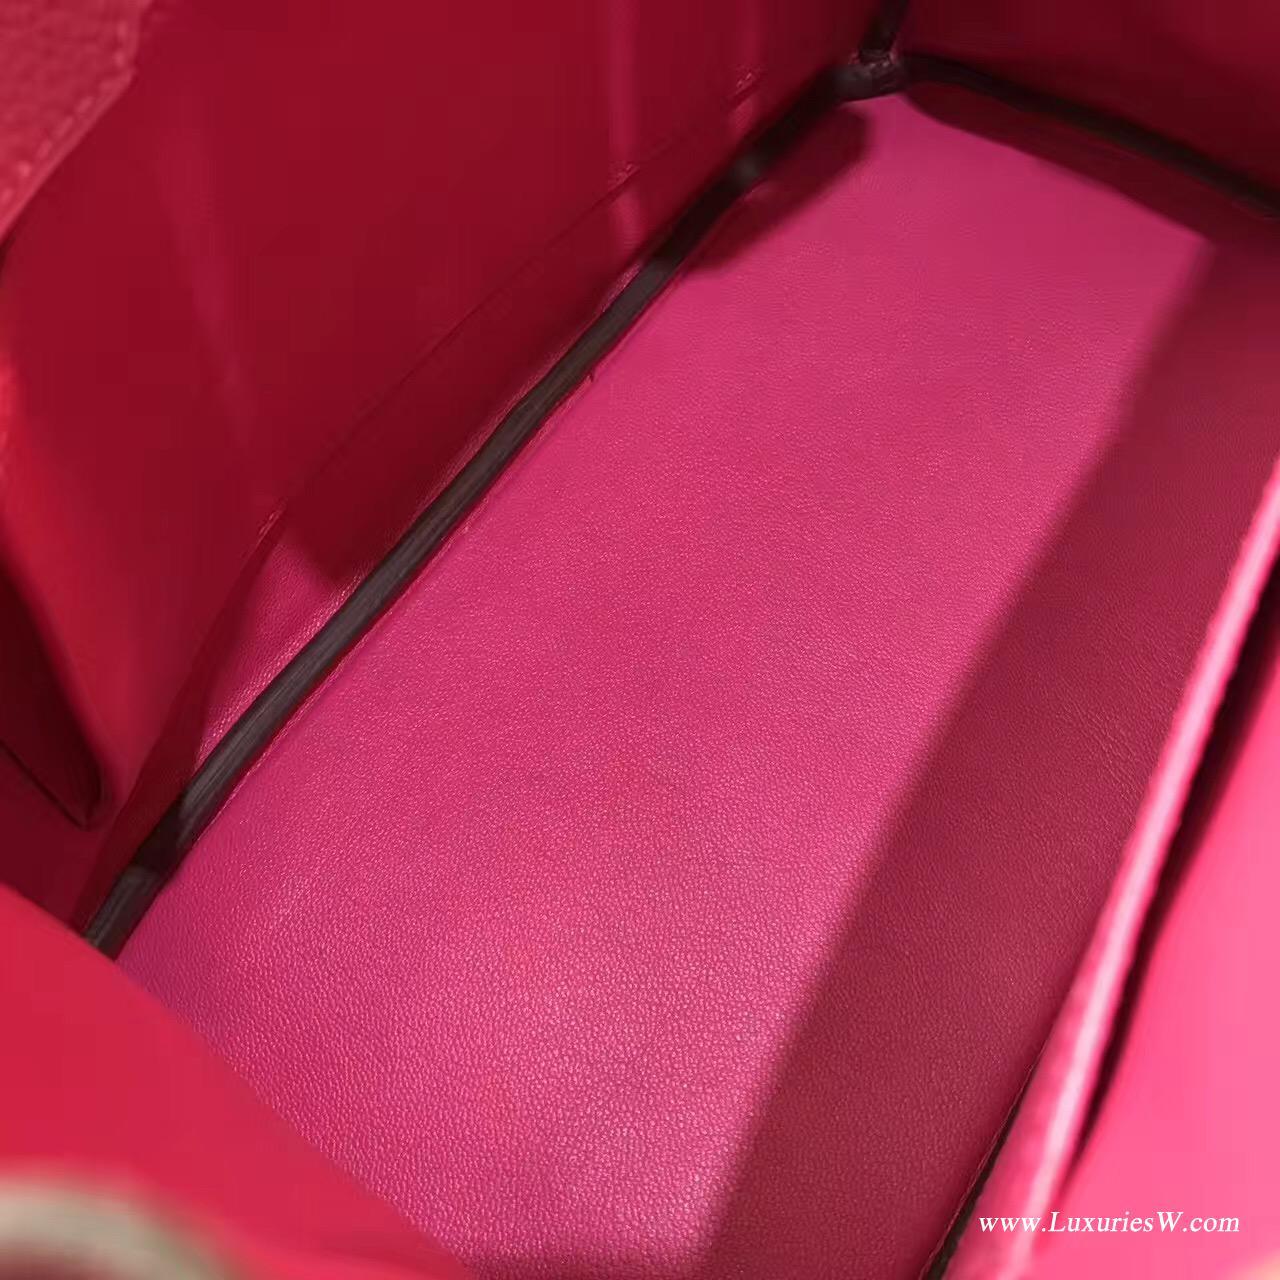 愛馬仕鉑金包專櫃價格 hermes Birkin Bag 30 togo糖果桃紅色 金扣金属